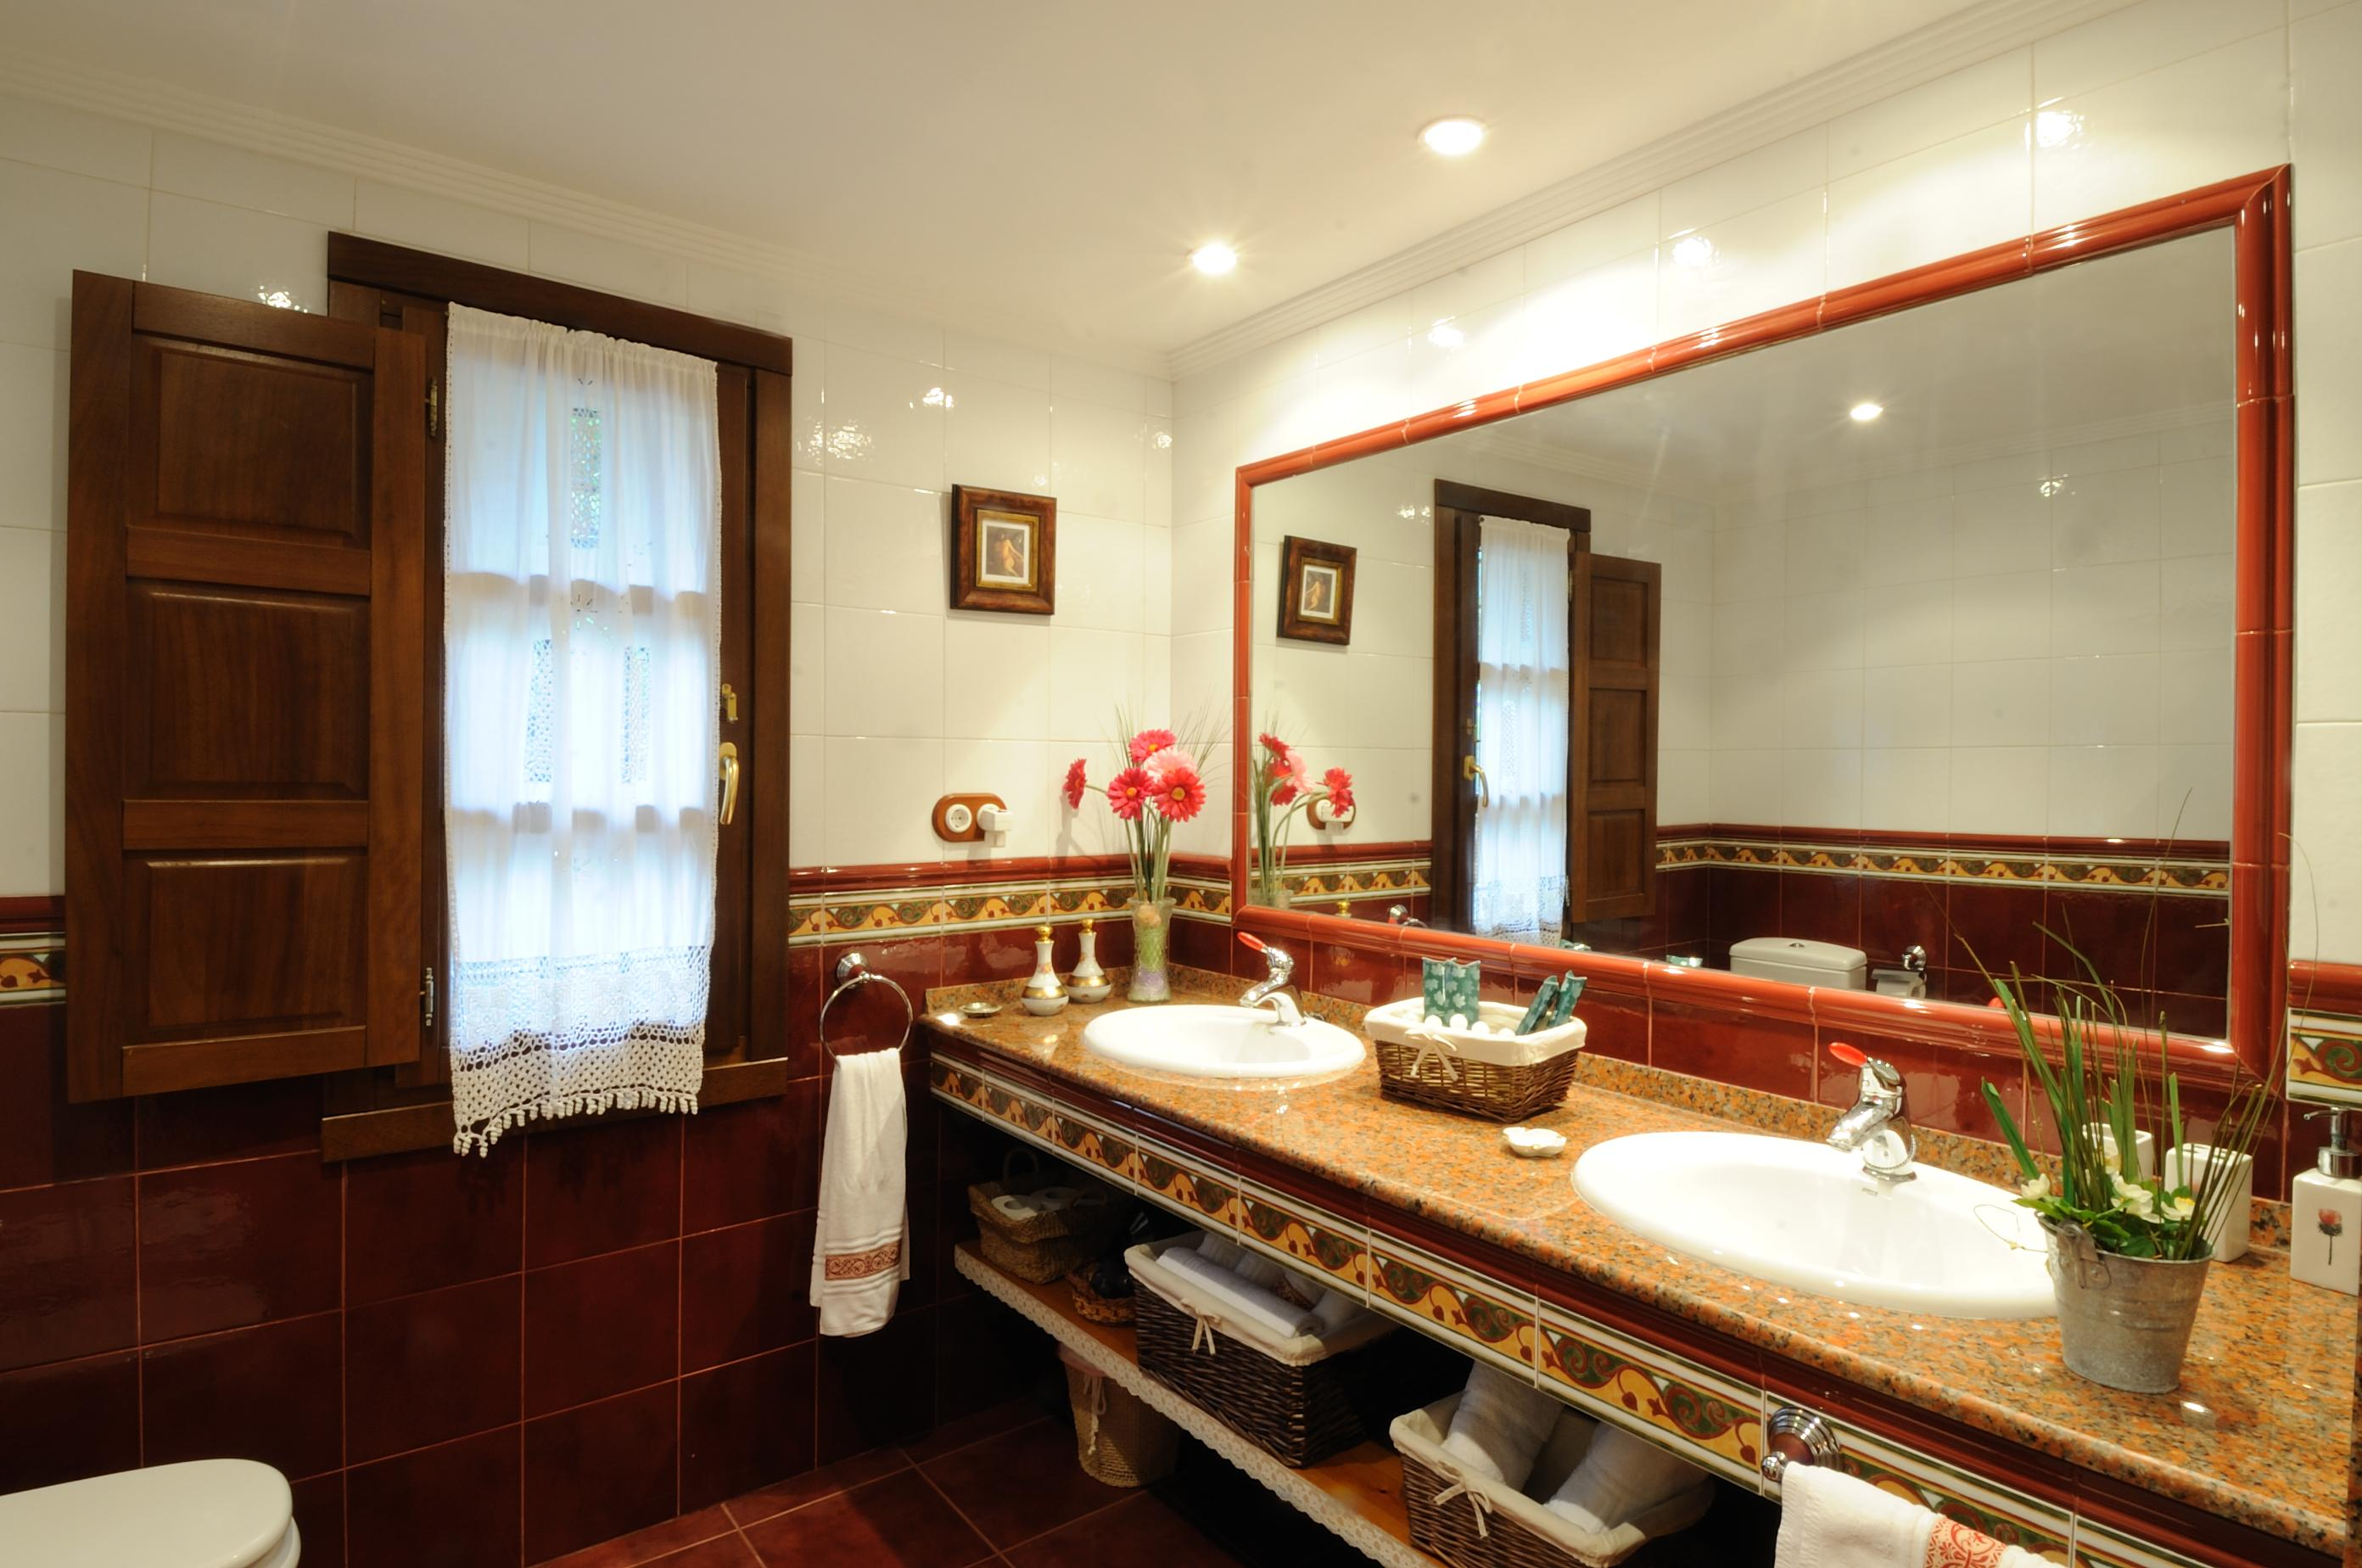 Baño muy espacioso con dos lavabos.